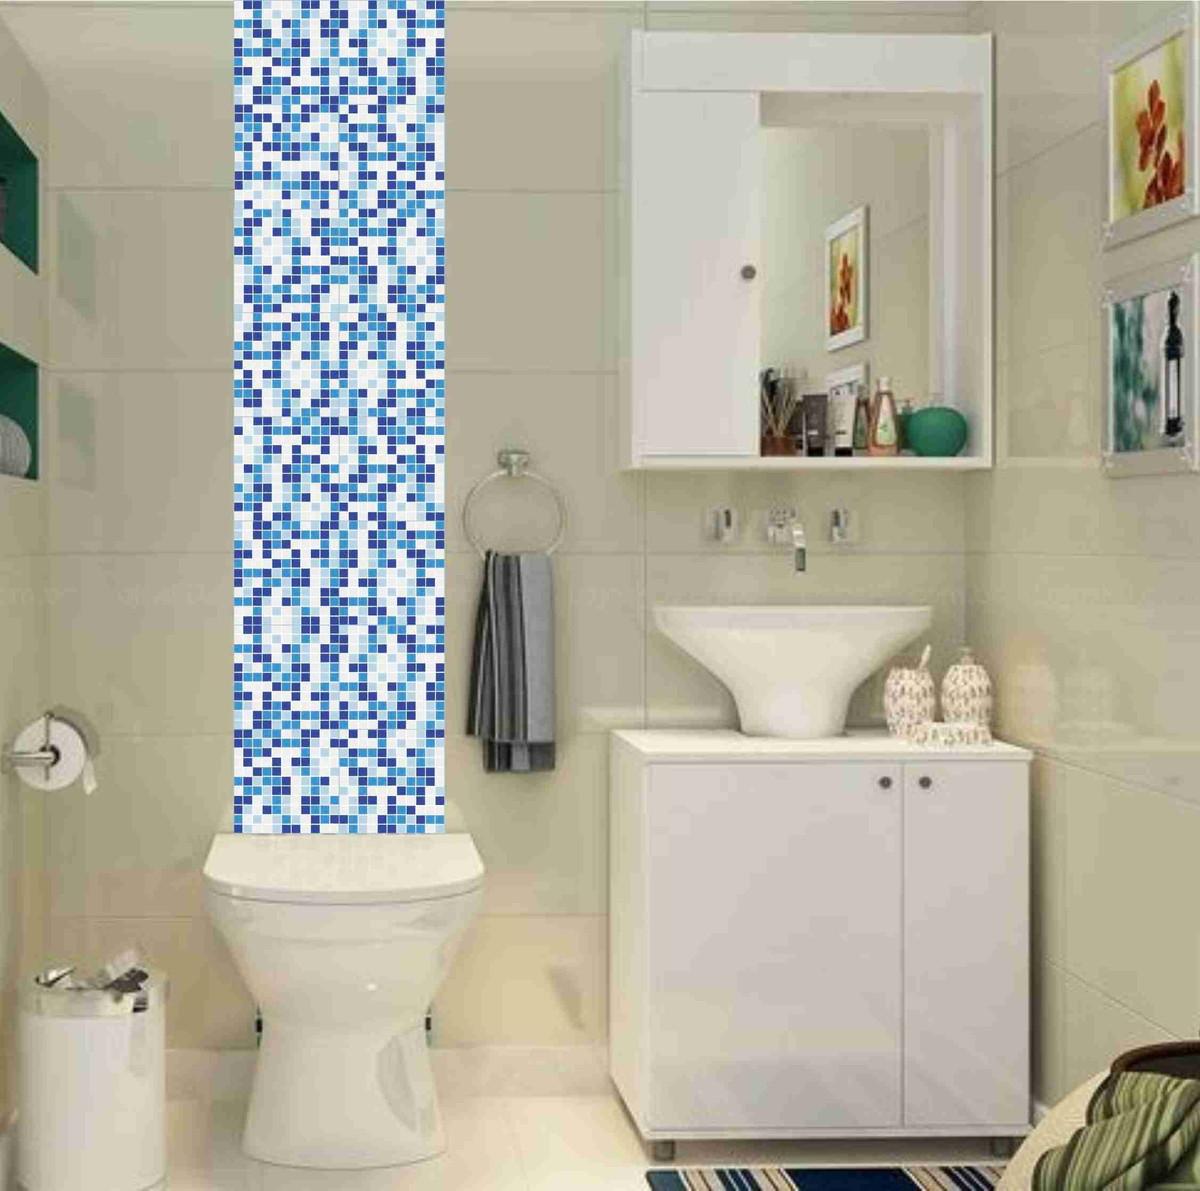 banheiro kit pastilhas azul bco frete gratis verde kit pastilhas azul #2E719D 1200x1191 Banheiro Branco Com Pastilhas Verde